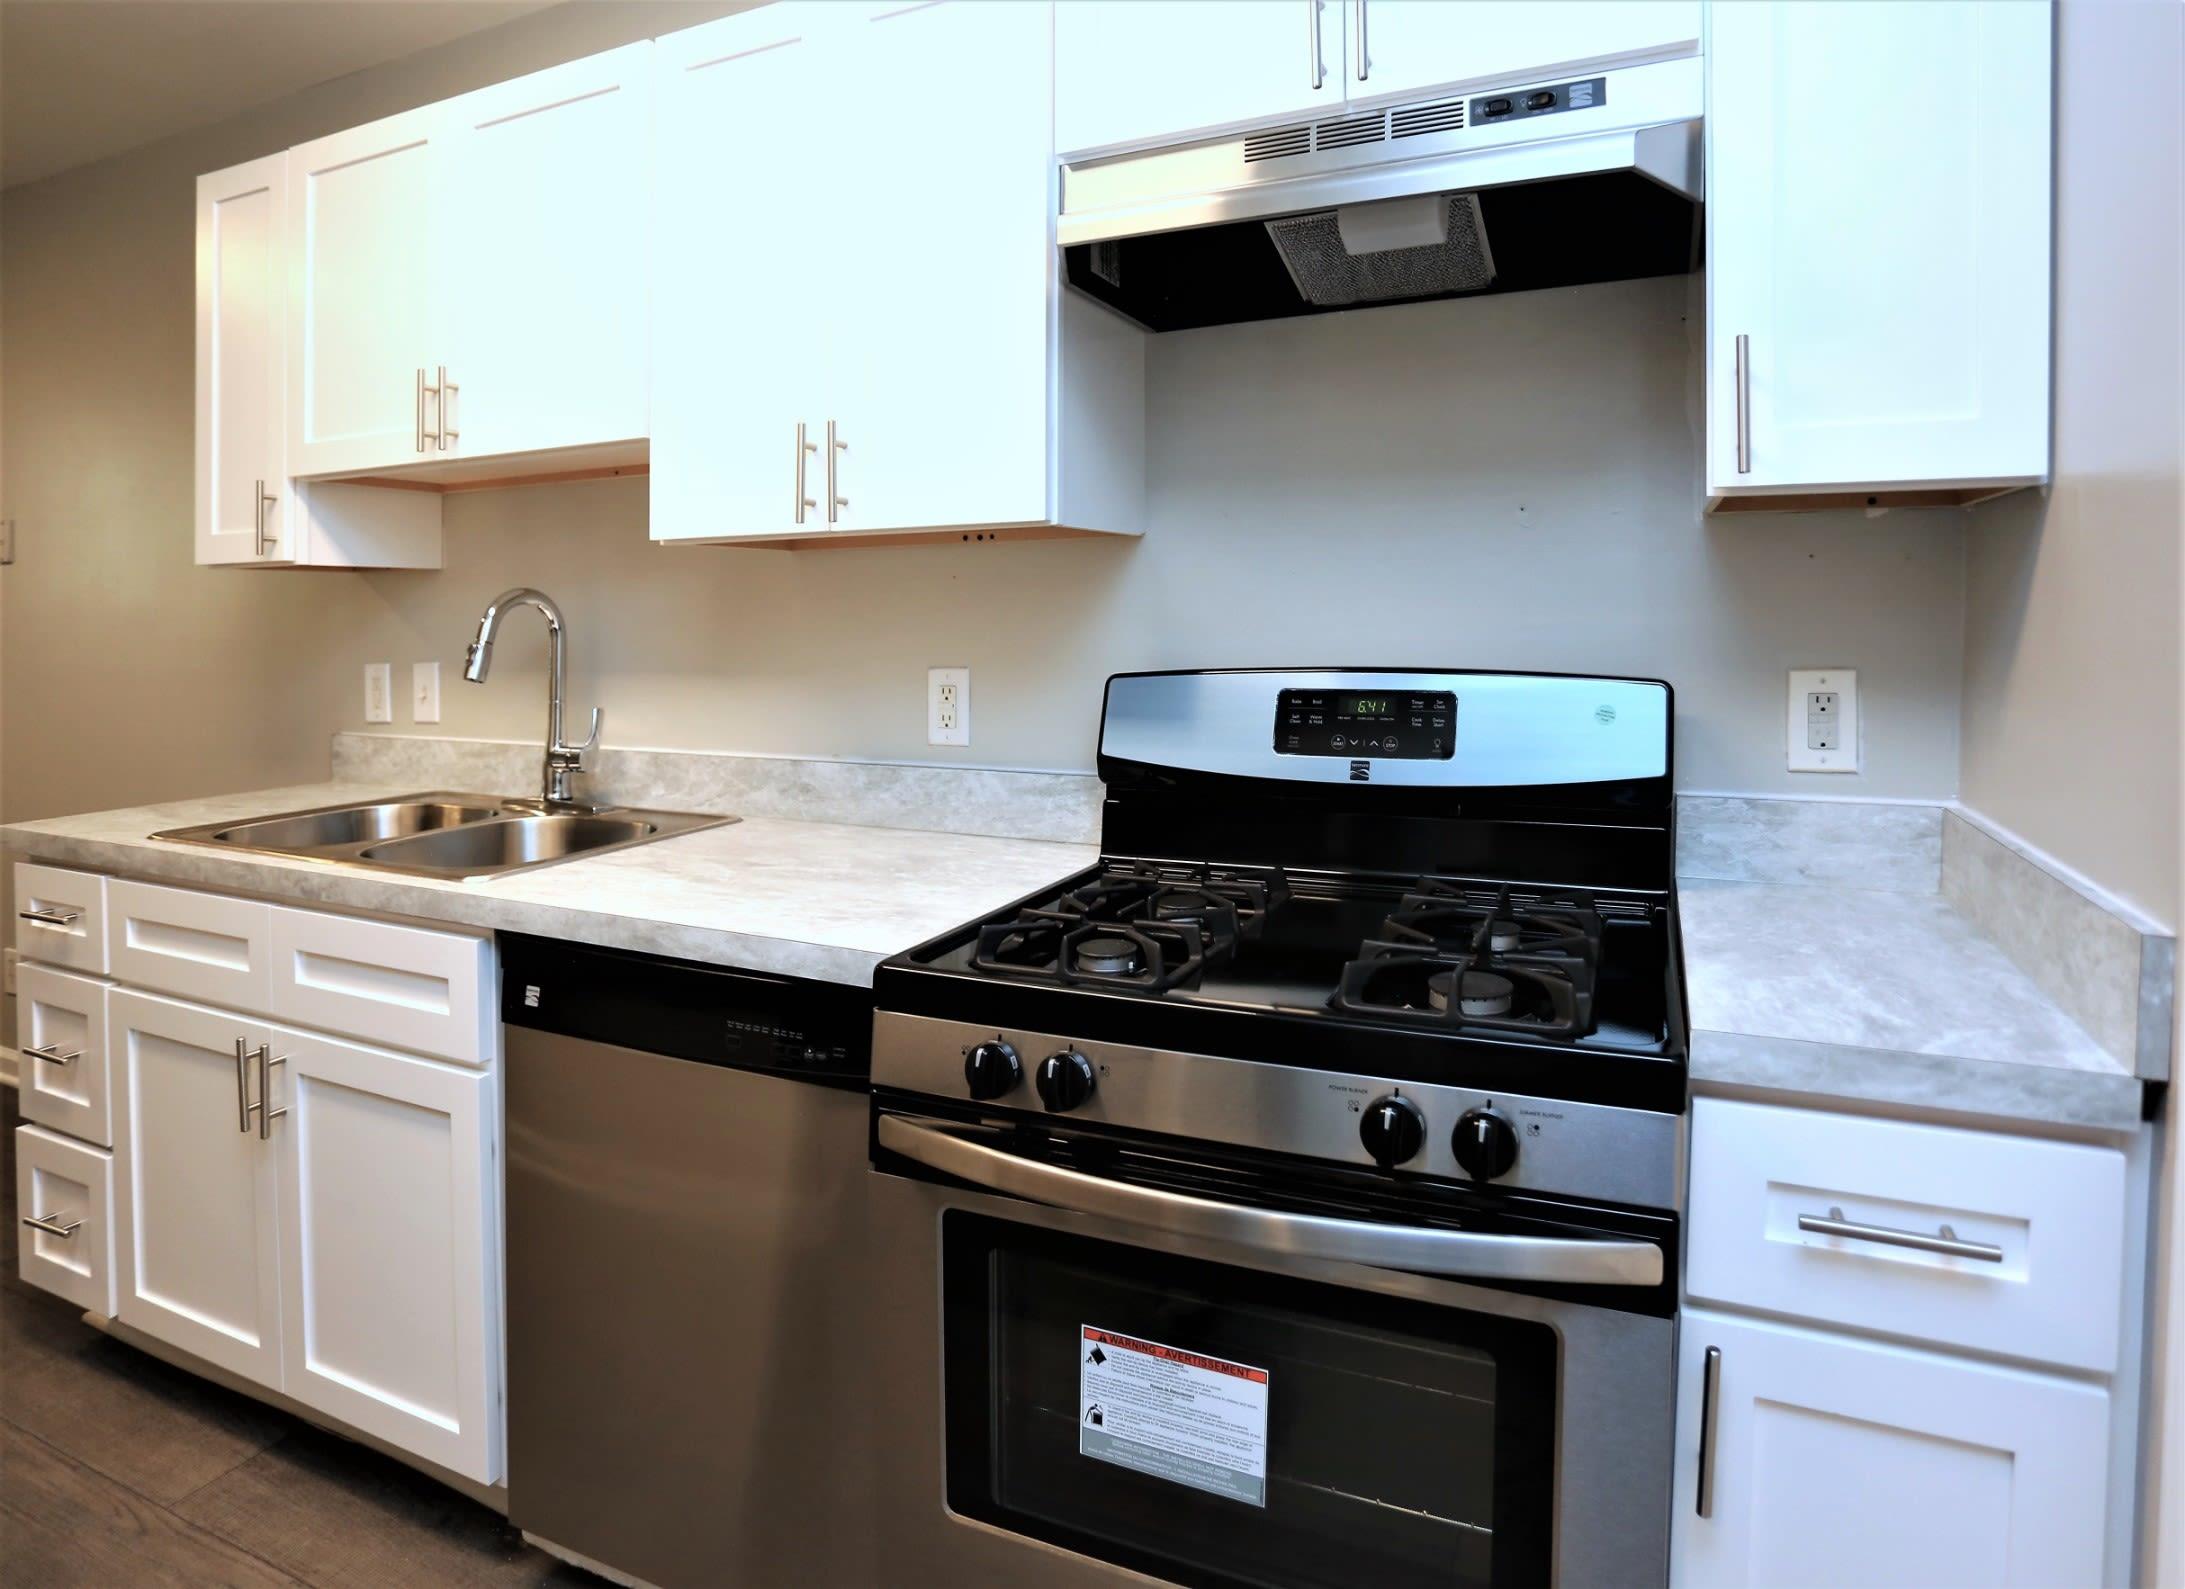 Kitchen Shot at Greensboro, NC Apartments